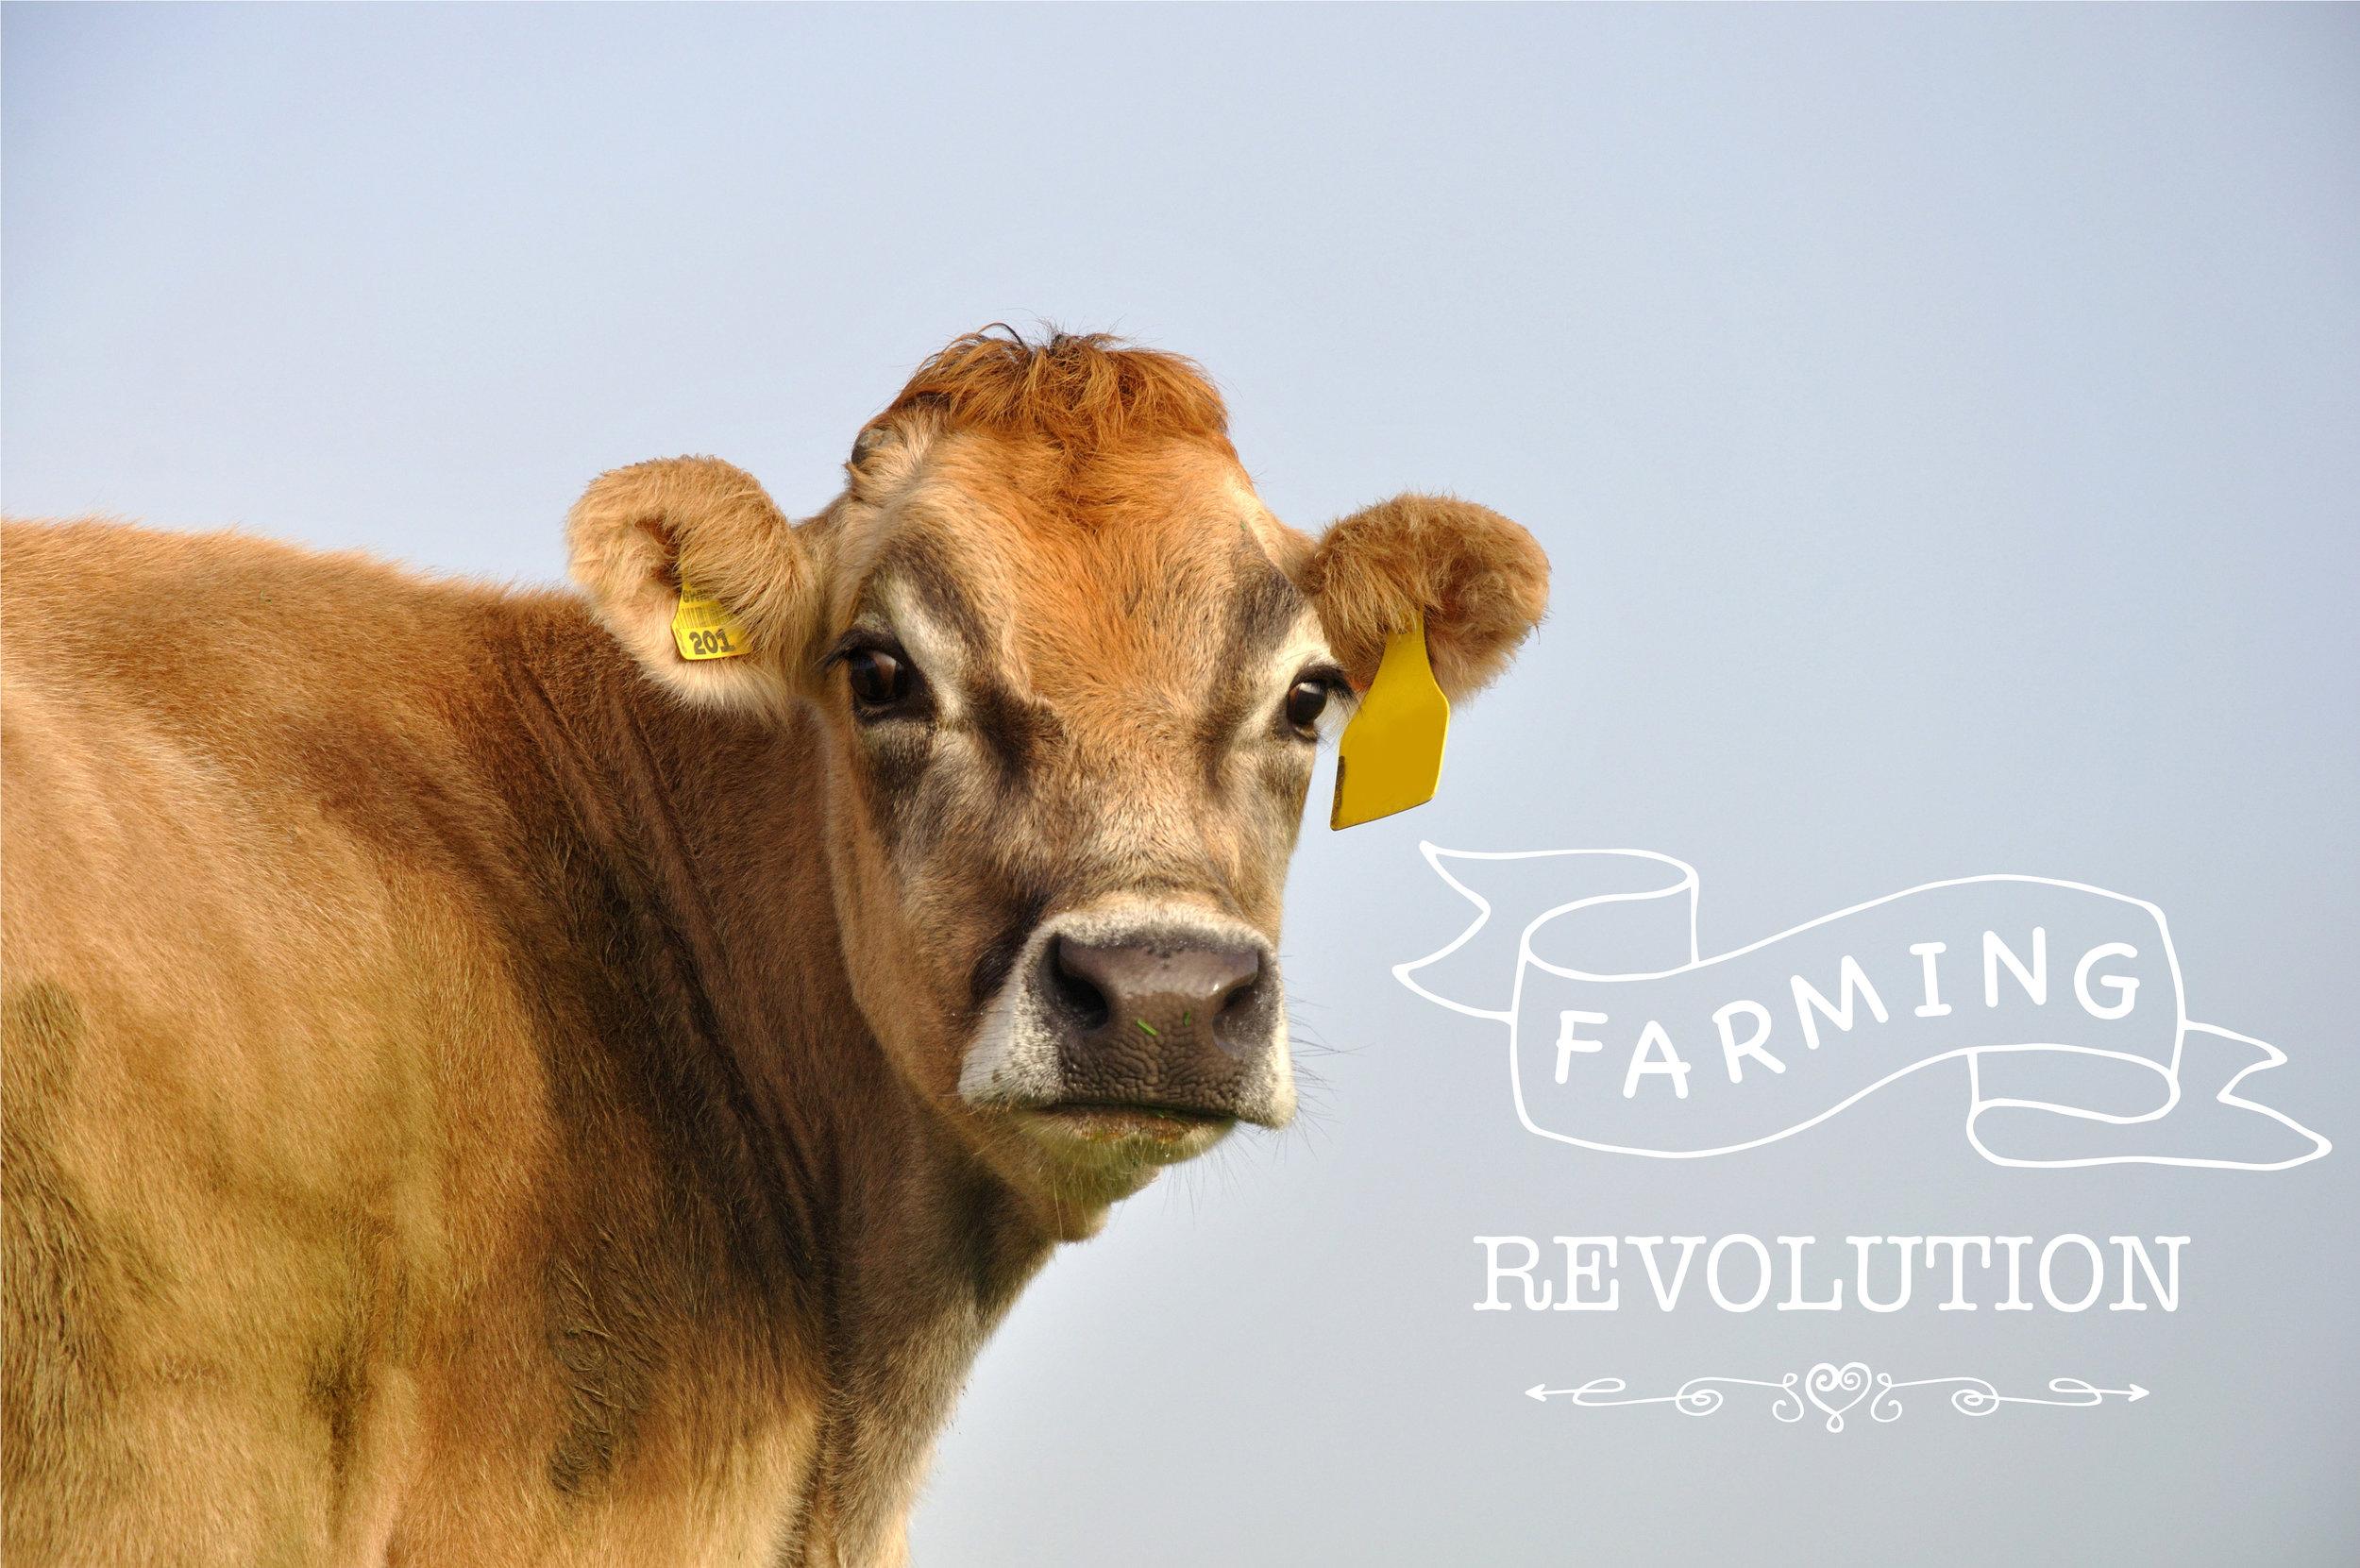 Farming Revolution.jpg